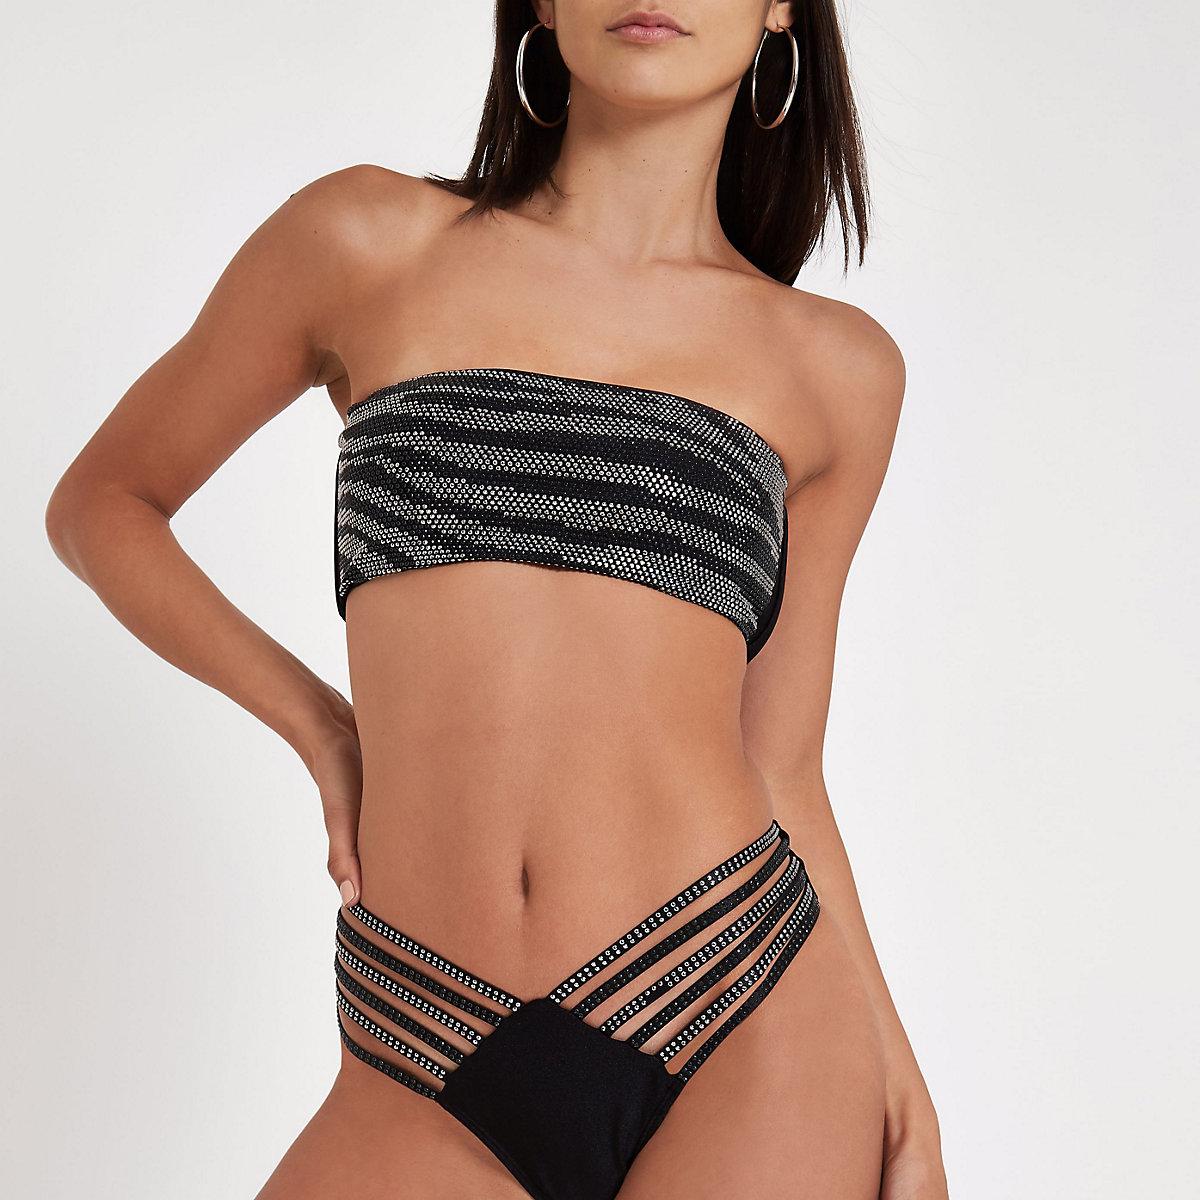 Schwarzes Bandeau-Bikinioberteil mit Pailletten